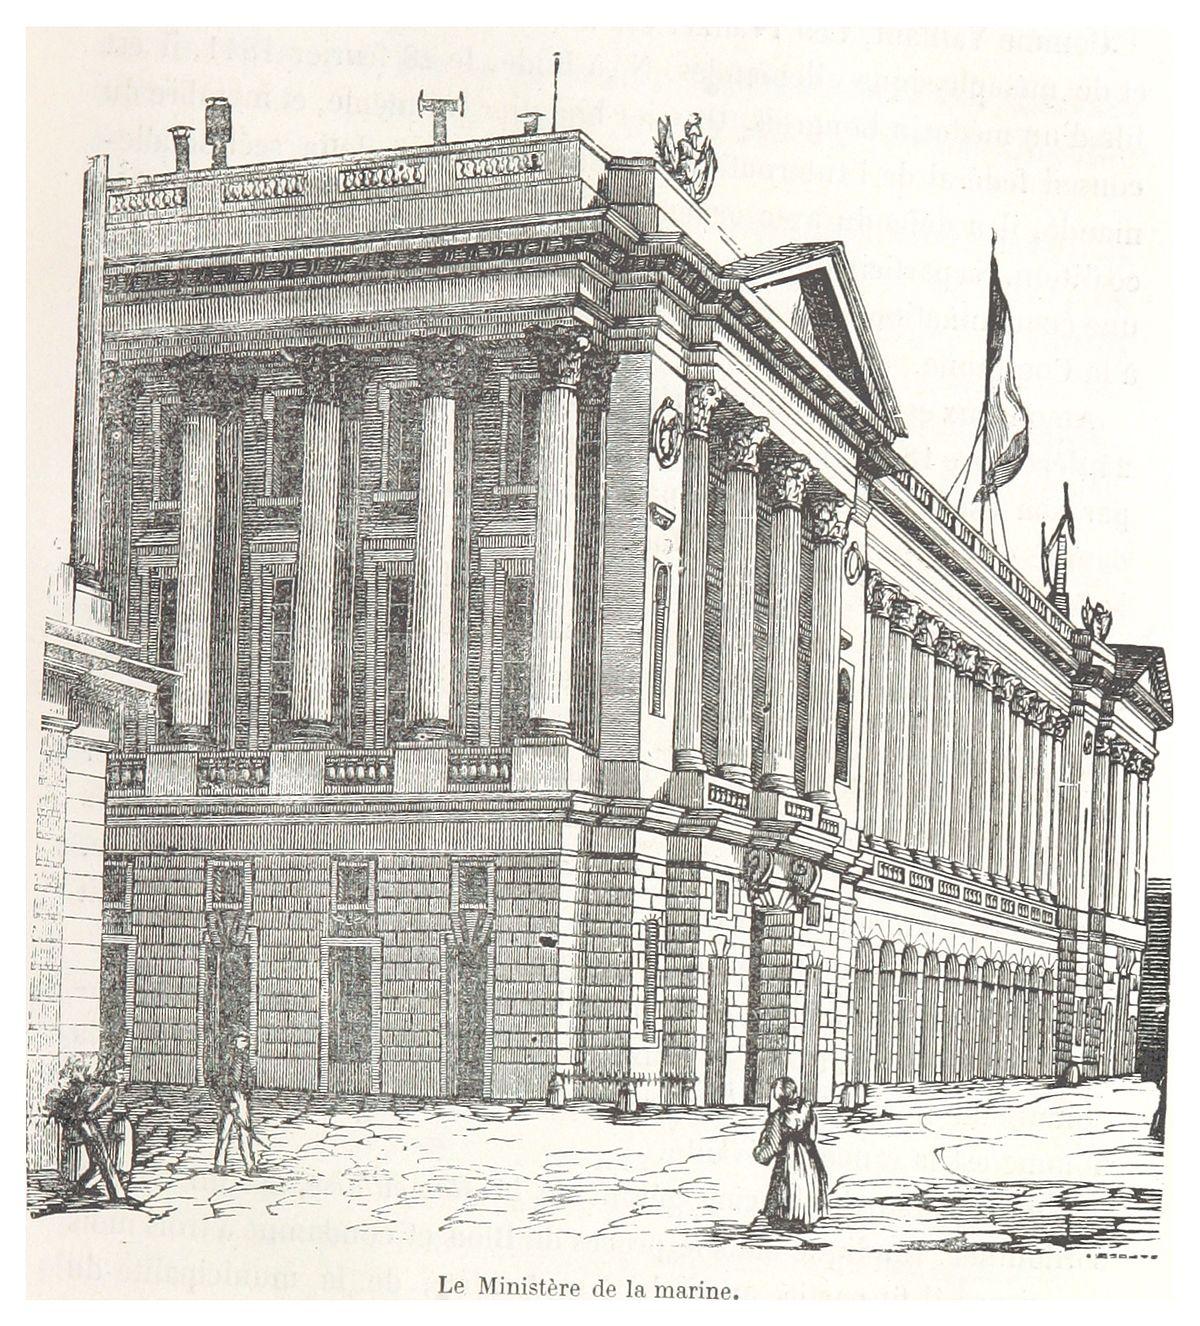 ROUQUETTE(1871) p193 Le Ministerie de la Marine.jpg